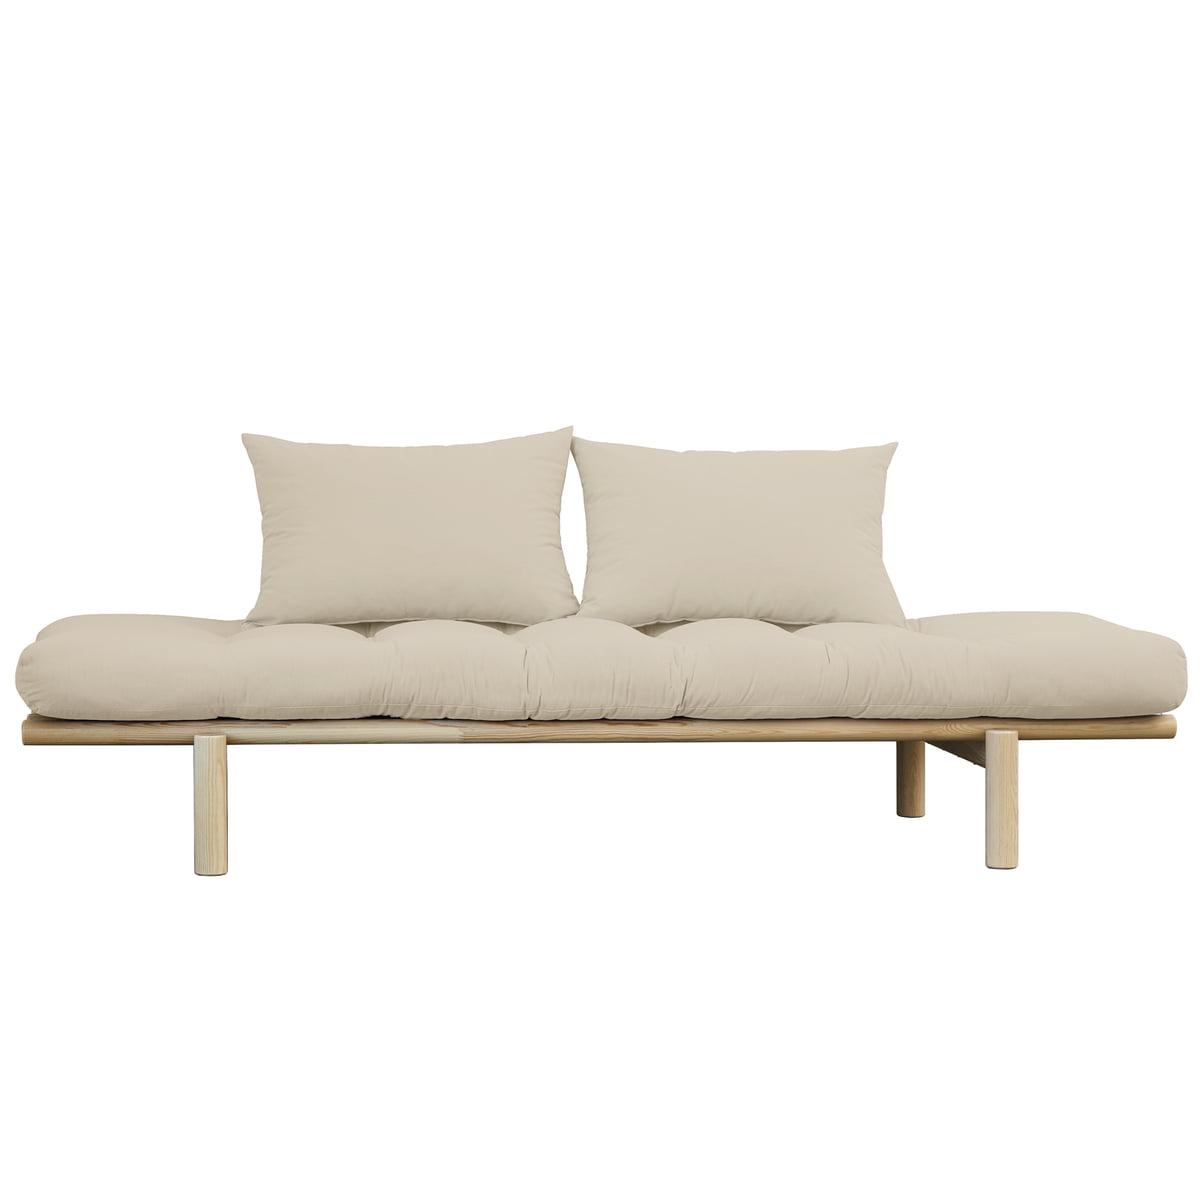 Karup Design - Pace Daybed, Natur / beige (747) | Schlafzimmer > Schlafsofas > Schlafsofas & Polsterliegen | Beige | Karup Design